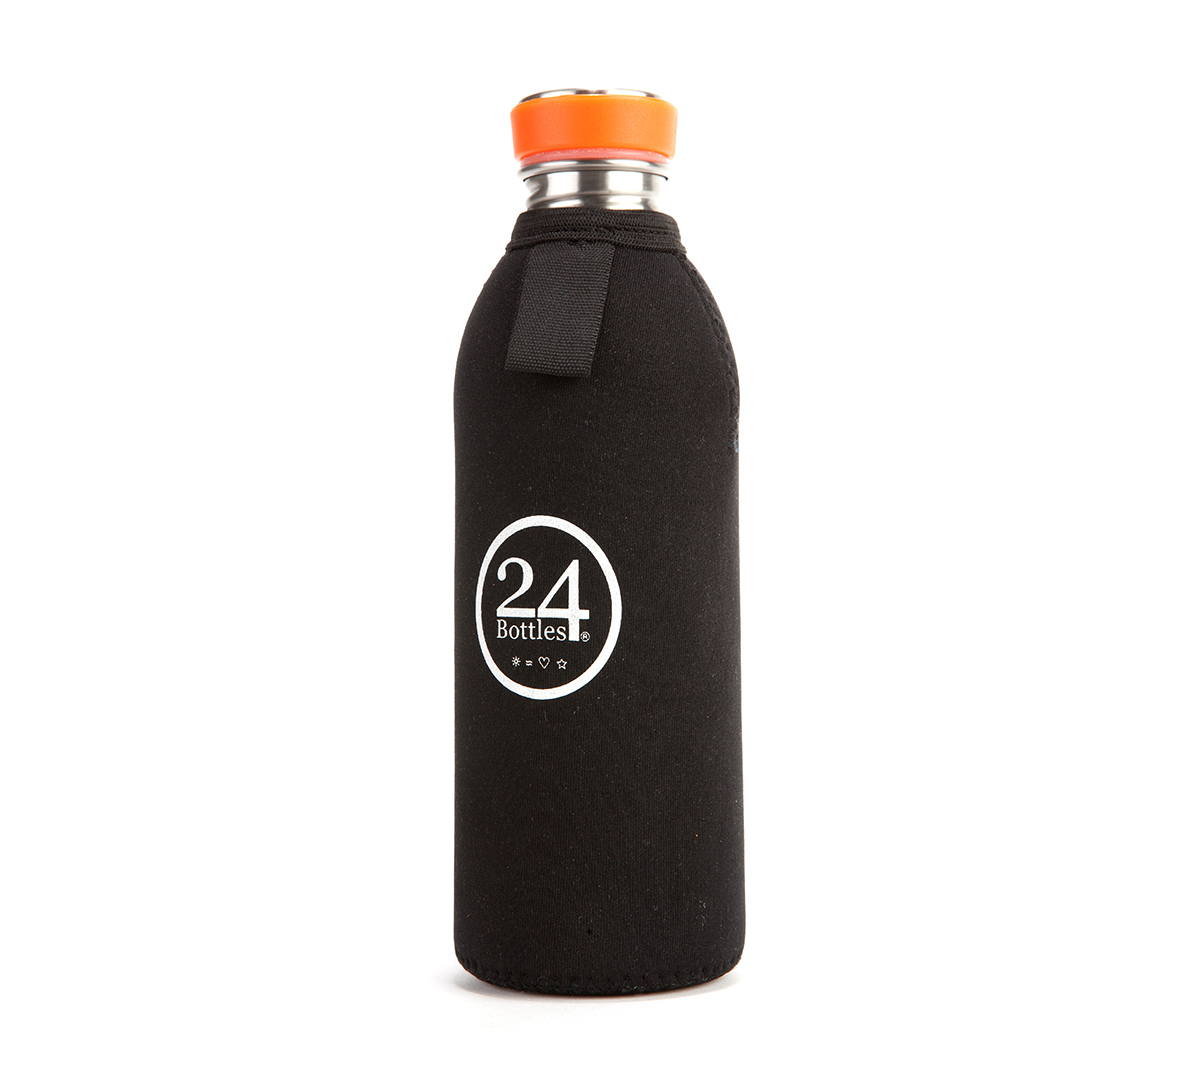 コーヒーや紅茶は温かいまま、水やスポーツドリンクは冷たいまま、おいしい温度をキープ。なんと保冷24時間・保温12時間の高性能。毎日持ち歩きたくなる、色柄豊富なイタリアンデザインのマイボトル|24Bottles(トゥエンティーフォーボトルズ)